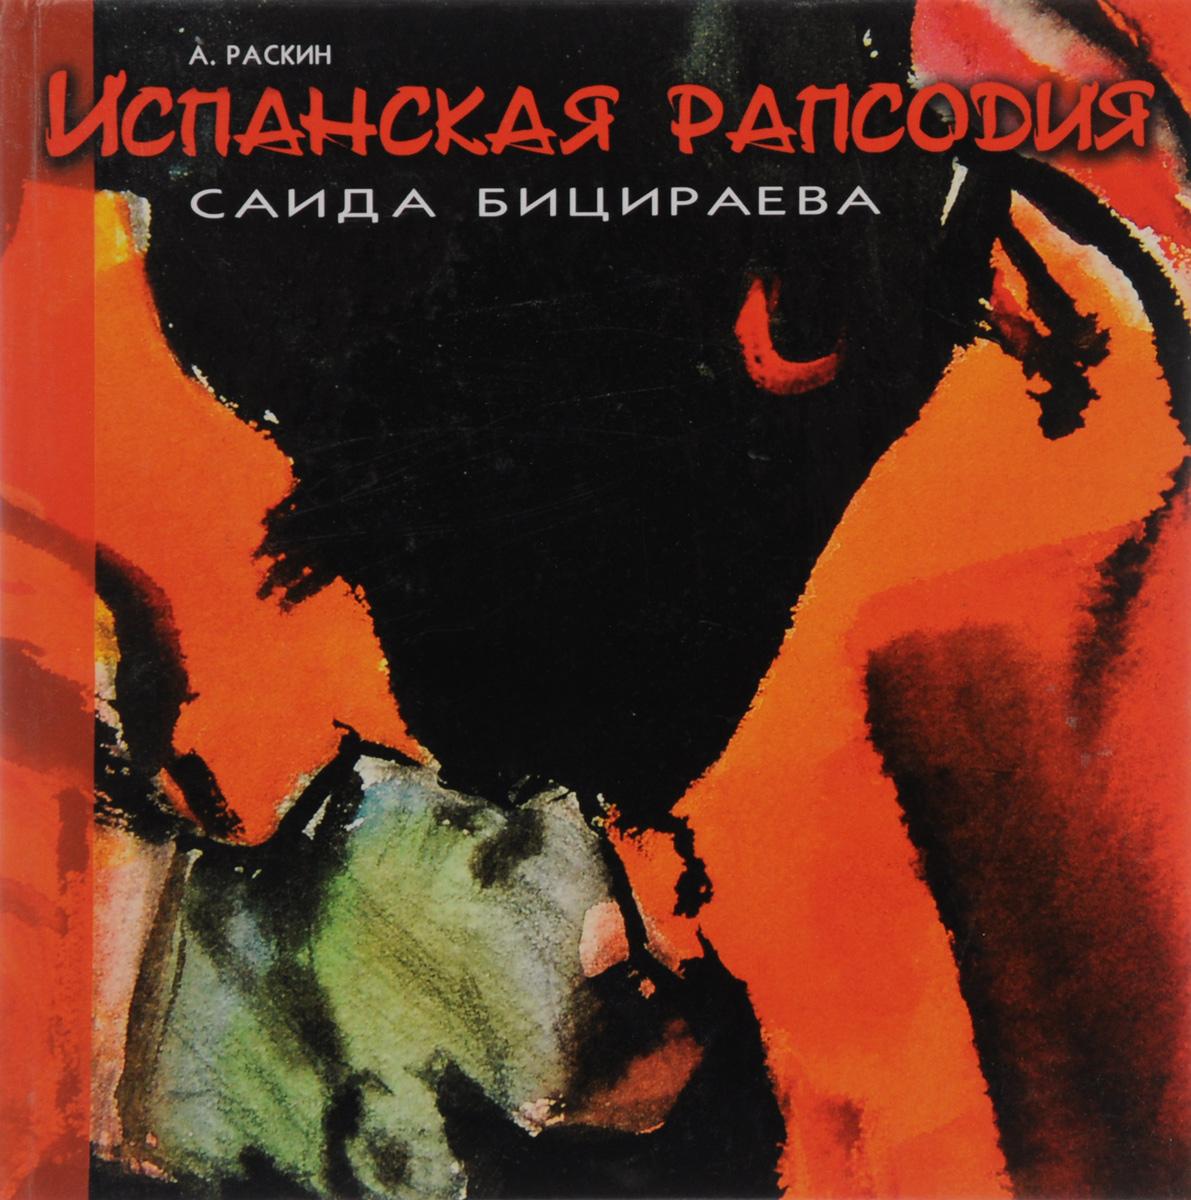 Испанская рапсодия лев василевский испанская хроника григория грандэ